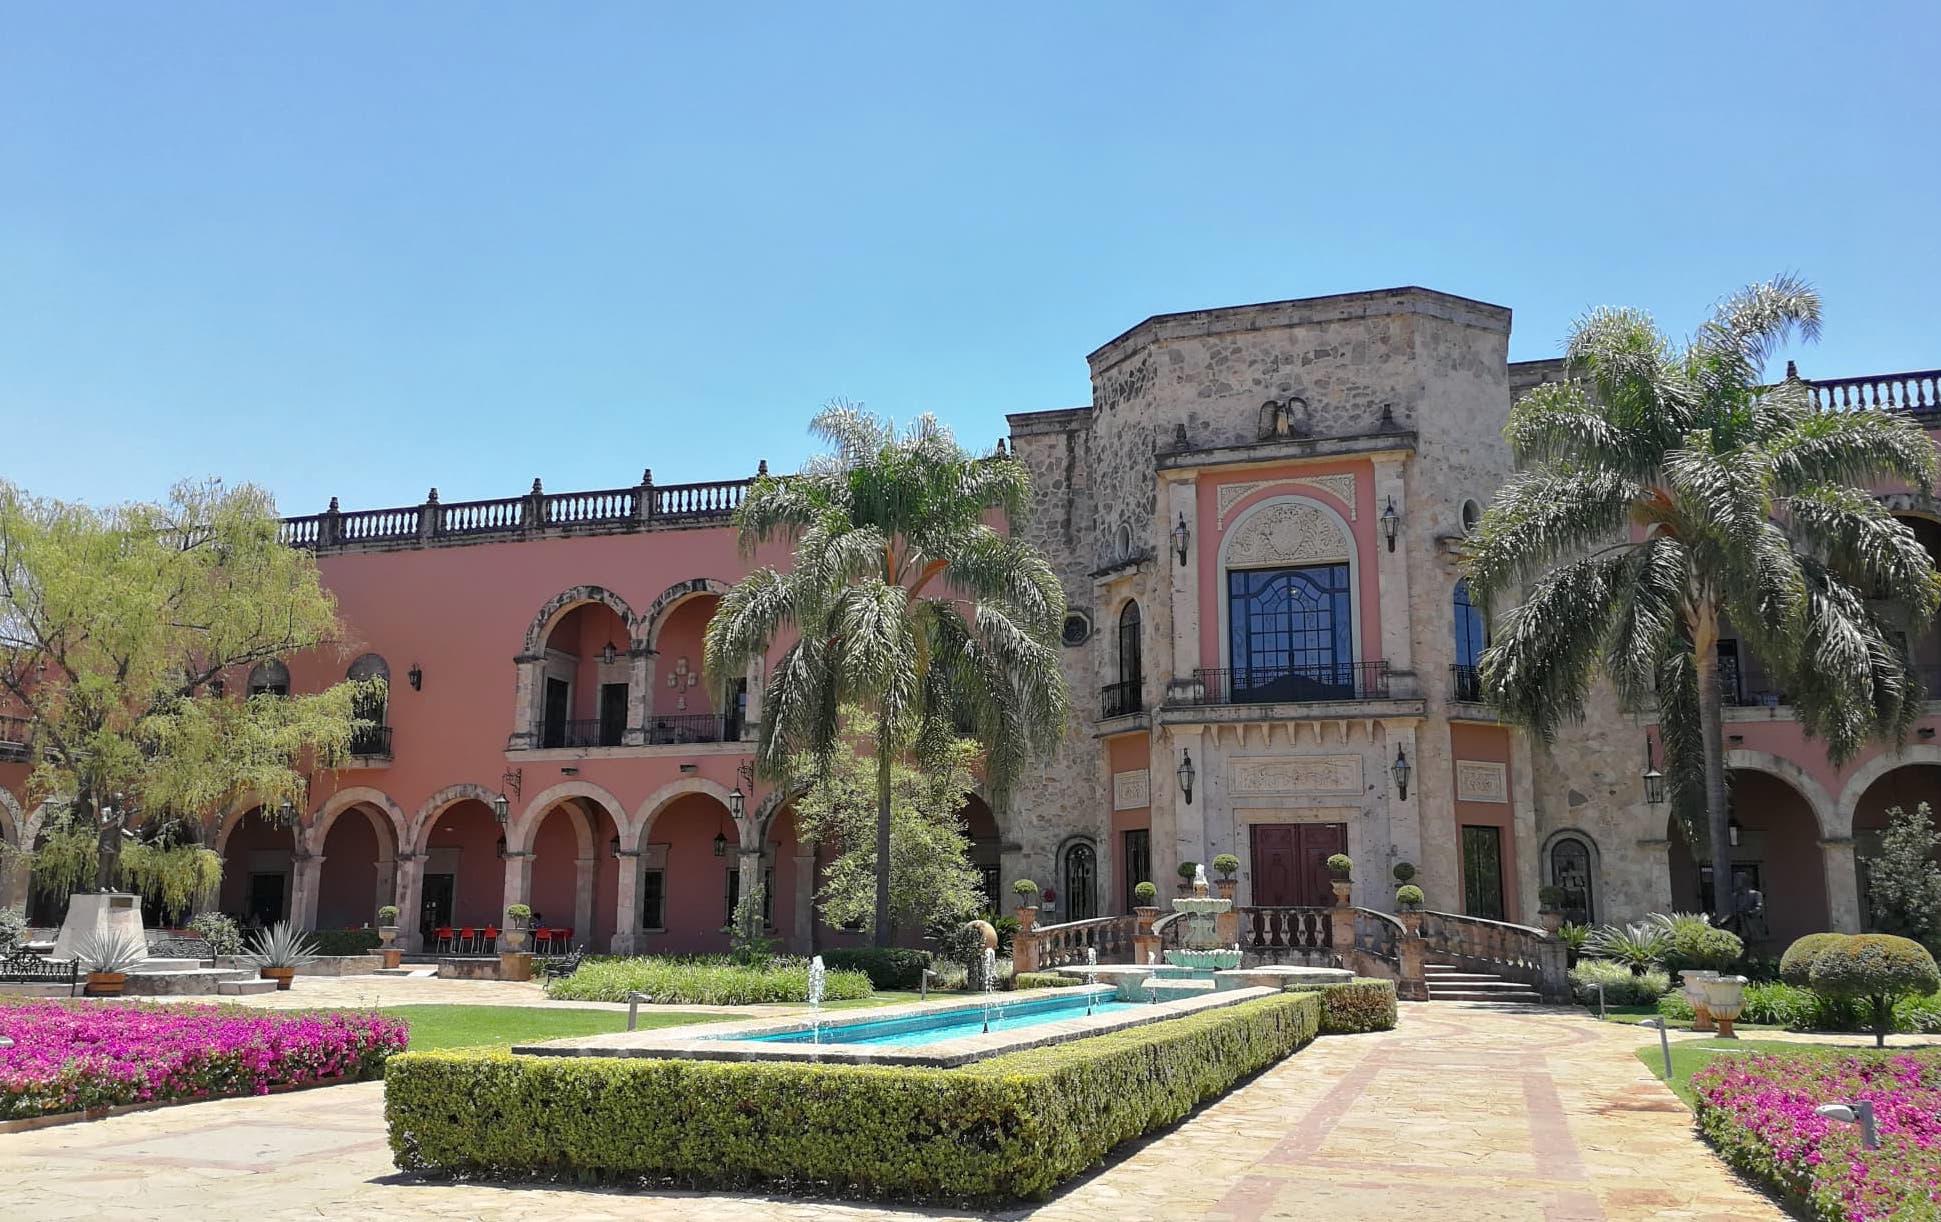 Tequila Patrón tendrá una nueva destilería en Jalisco